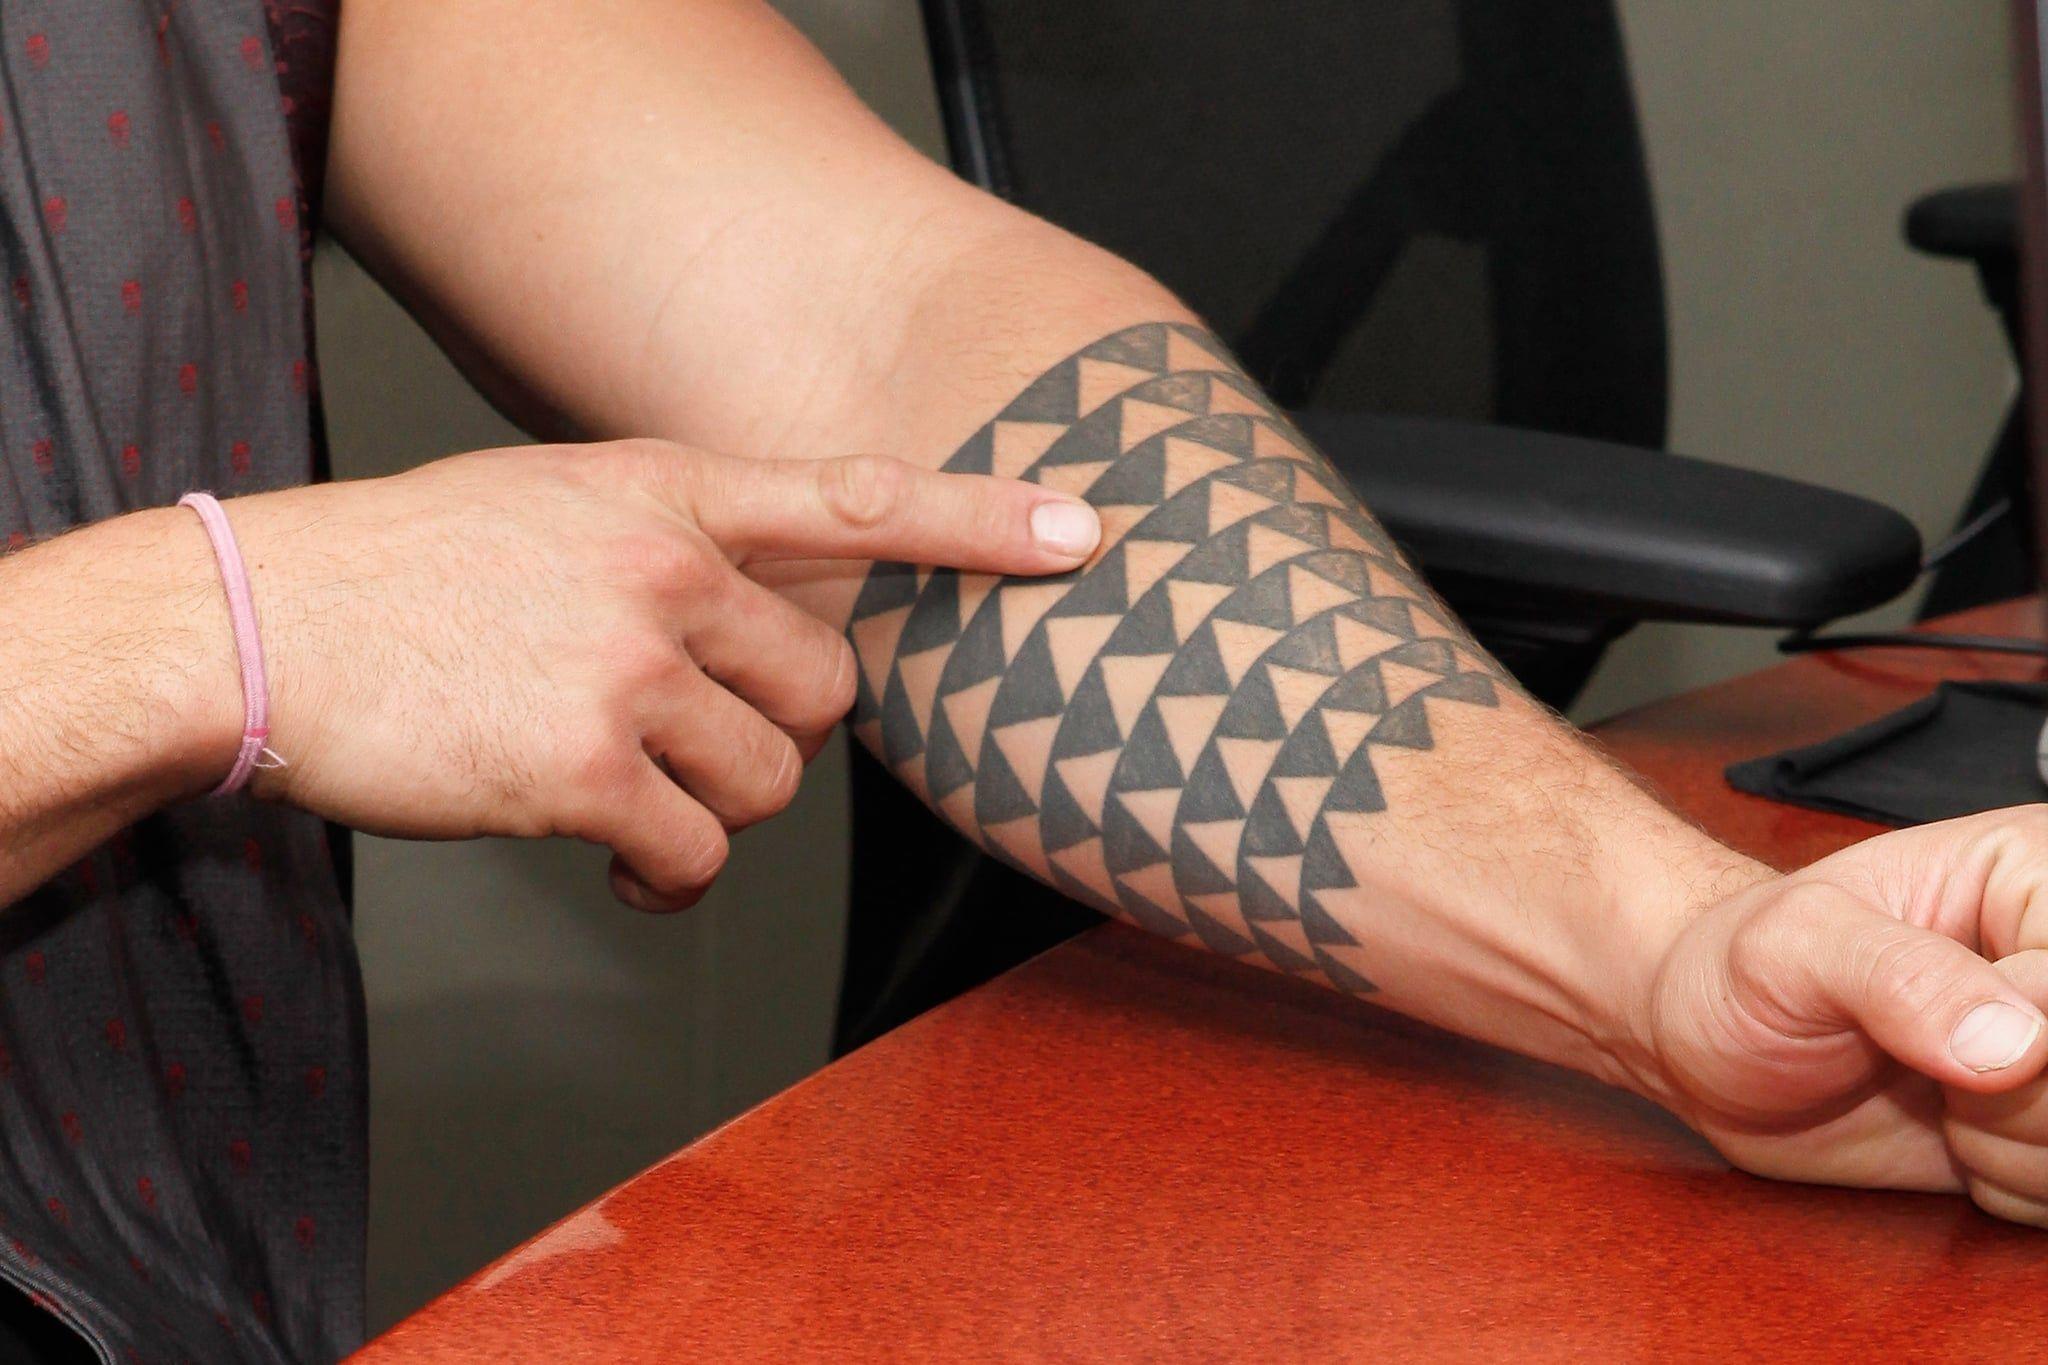 aquaman arm tattoo.jpg